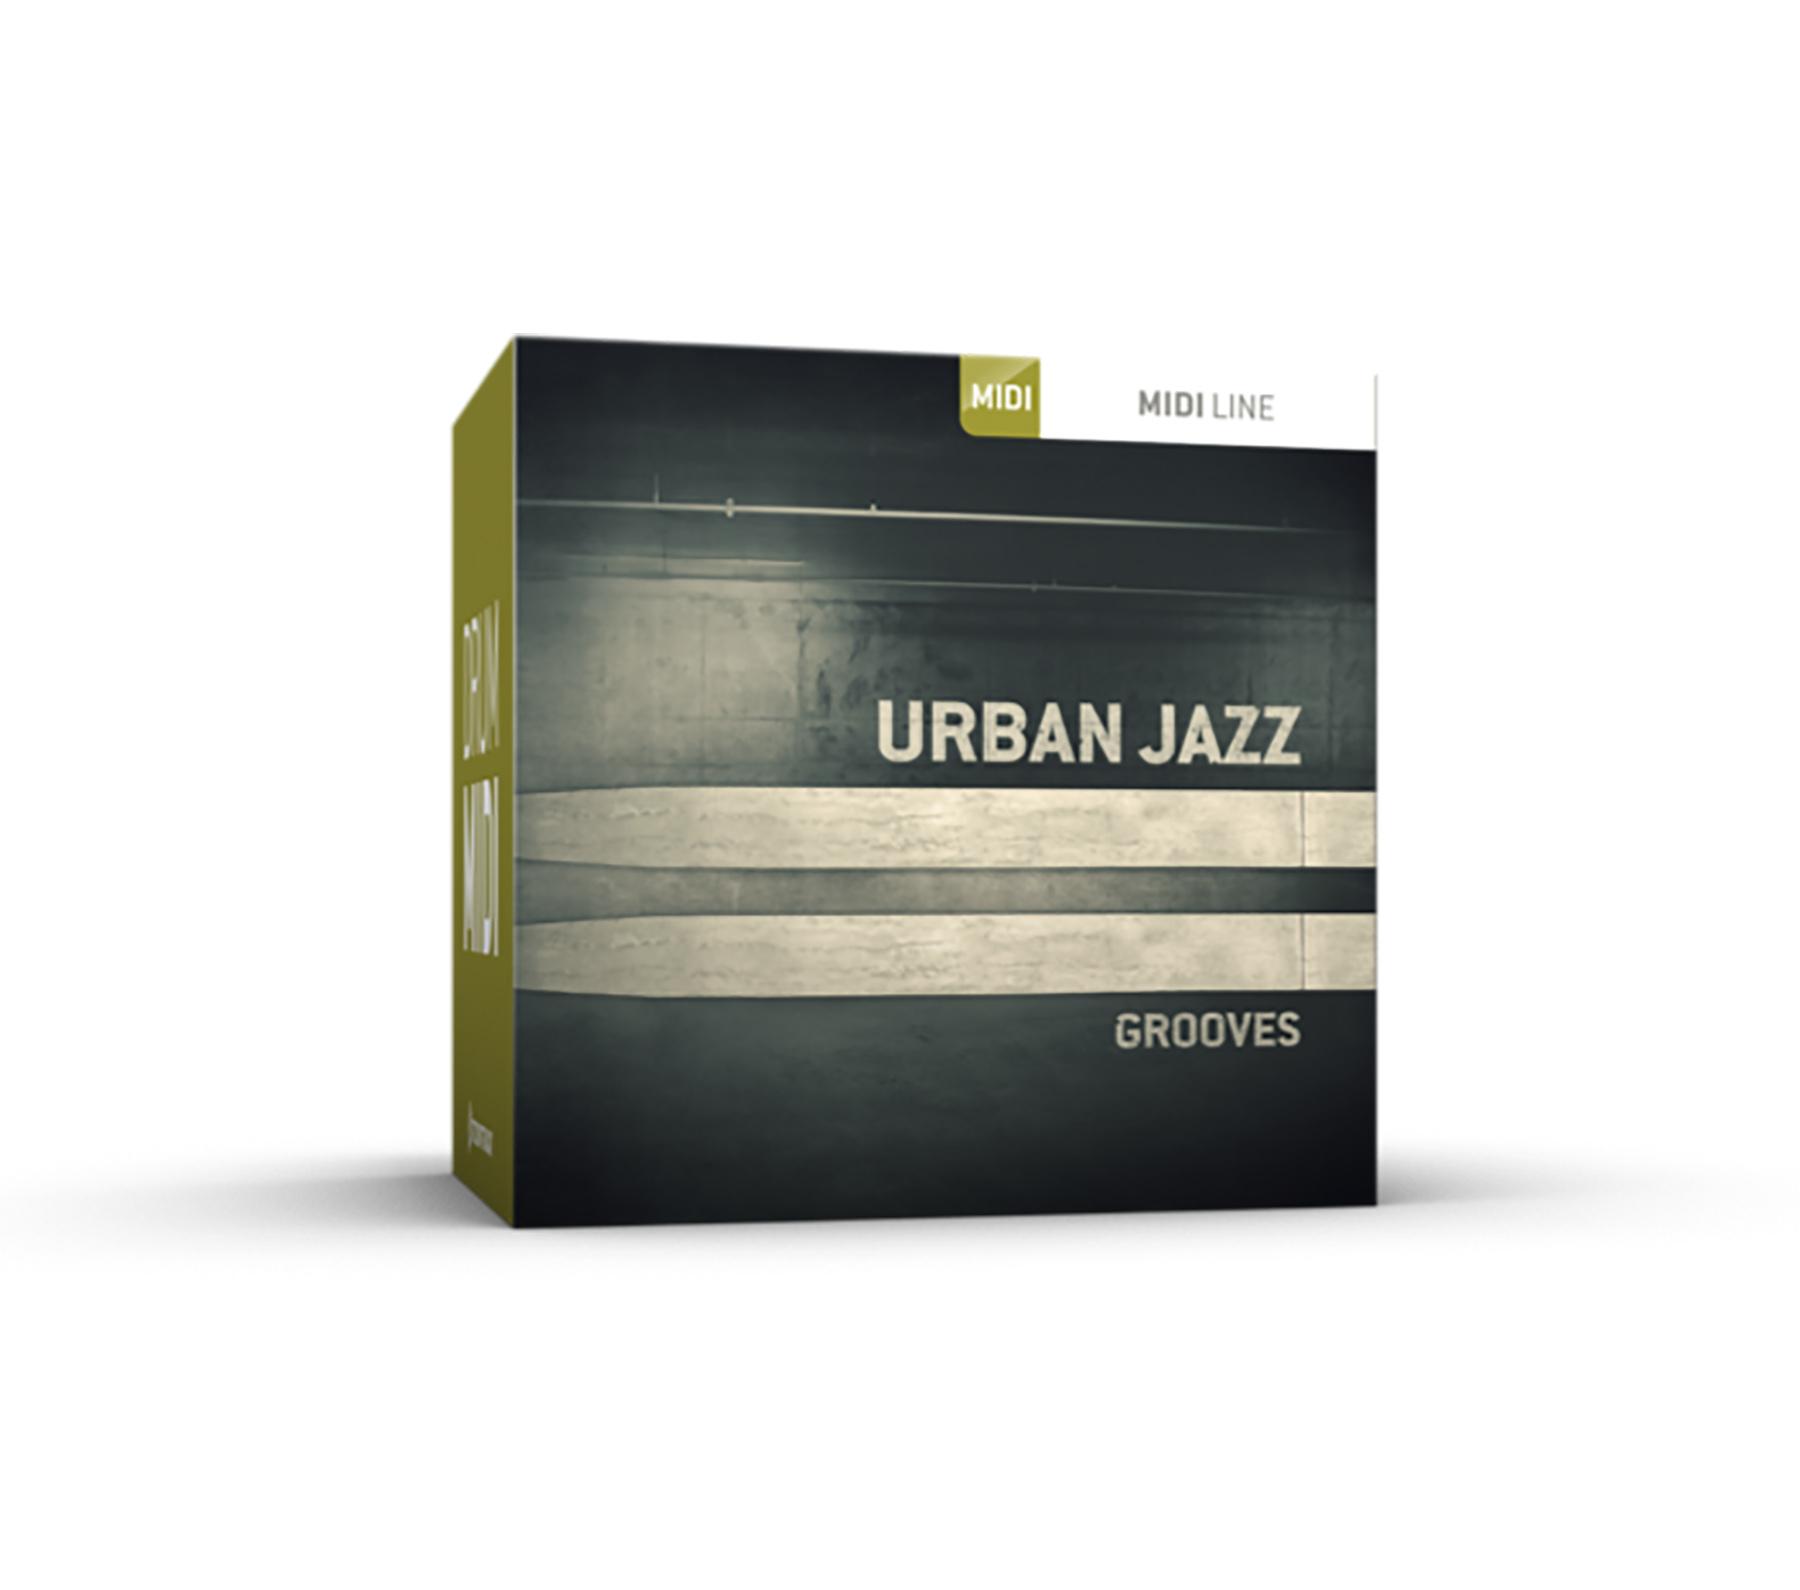 News: Toontrack bringt Urban Jazz MIDI-Pakete mit Schlagzeug- und Piano-Performances heraus